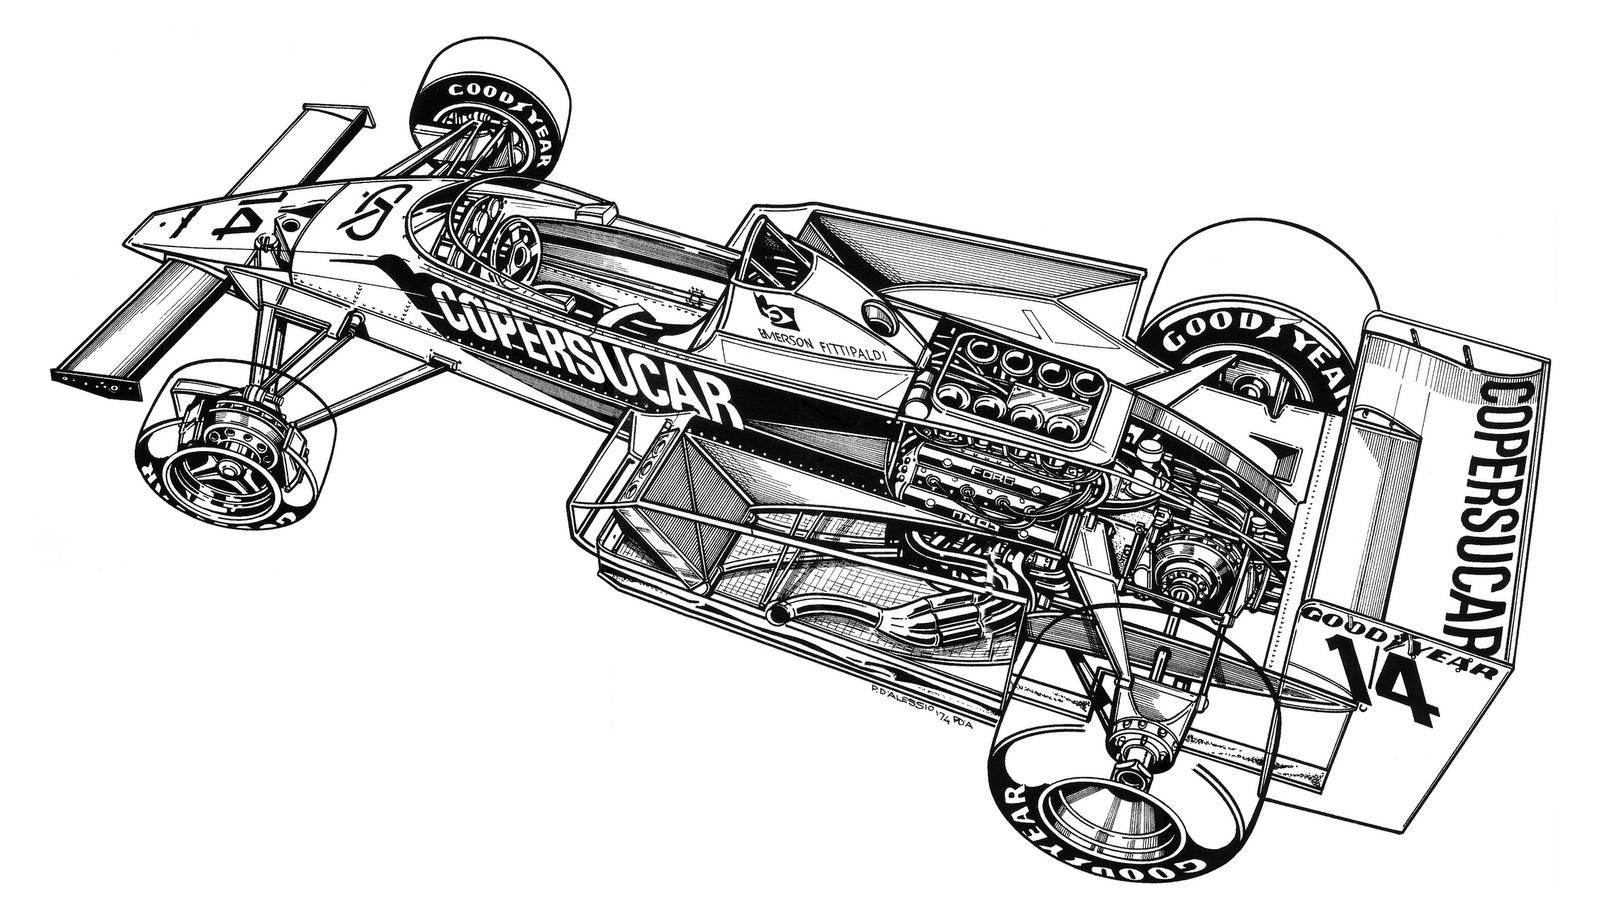 Copersucar F6